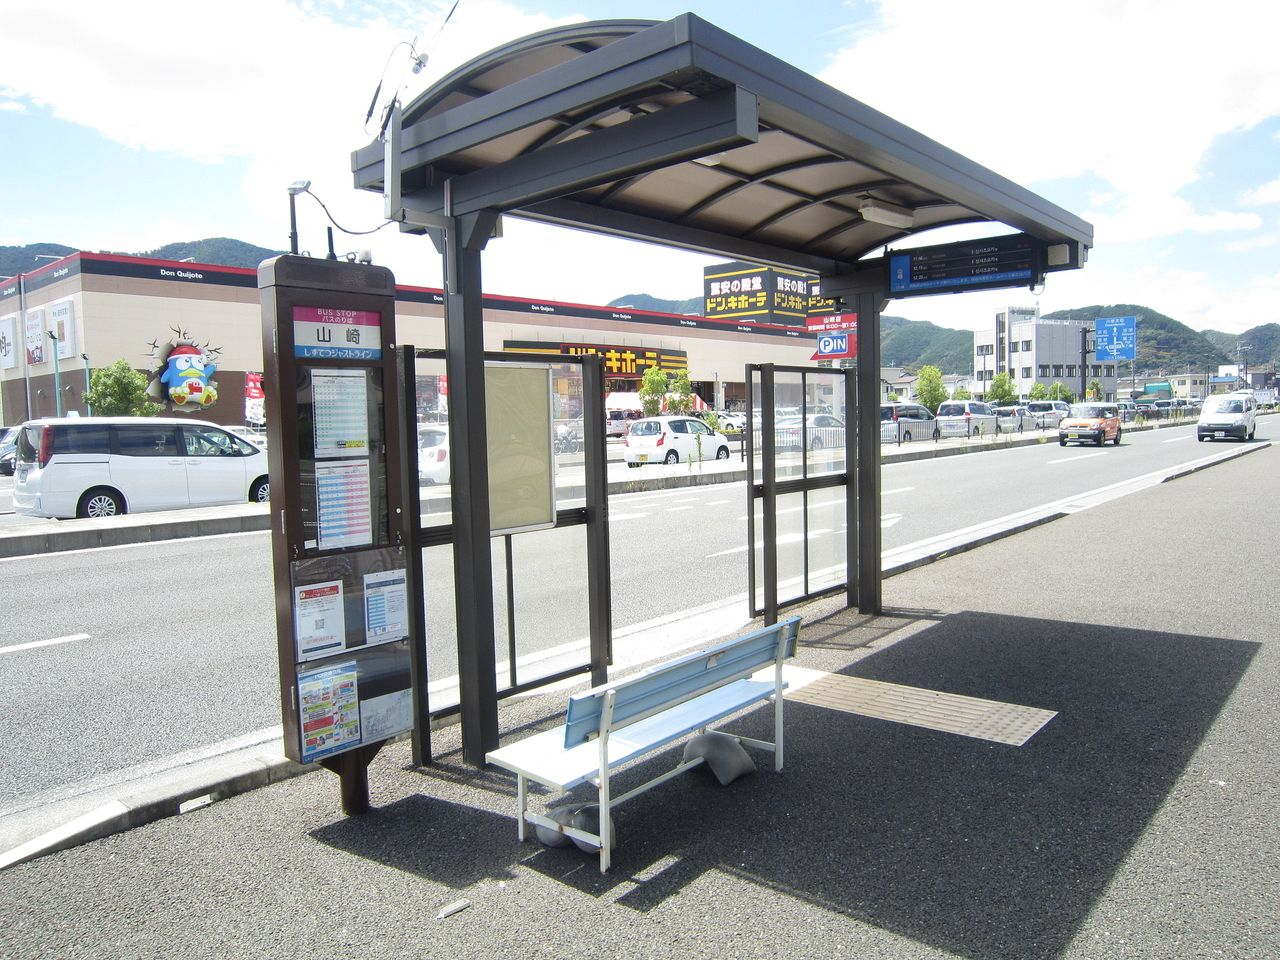 しずてつジャストラインの「山崎」停は利用者が多く、イスや屋根が完備されています。